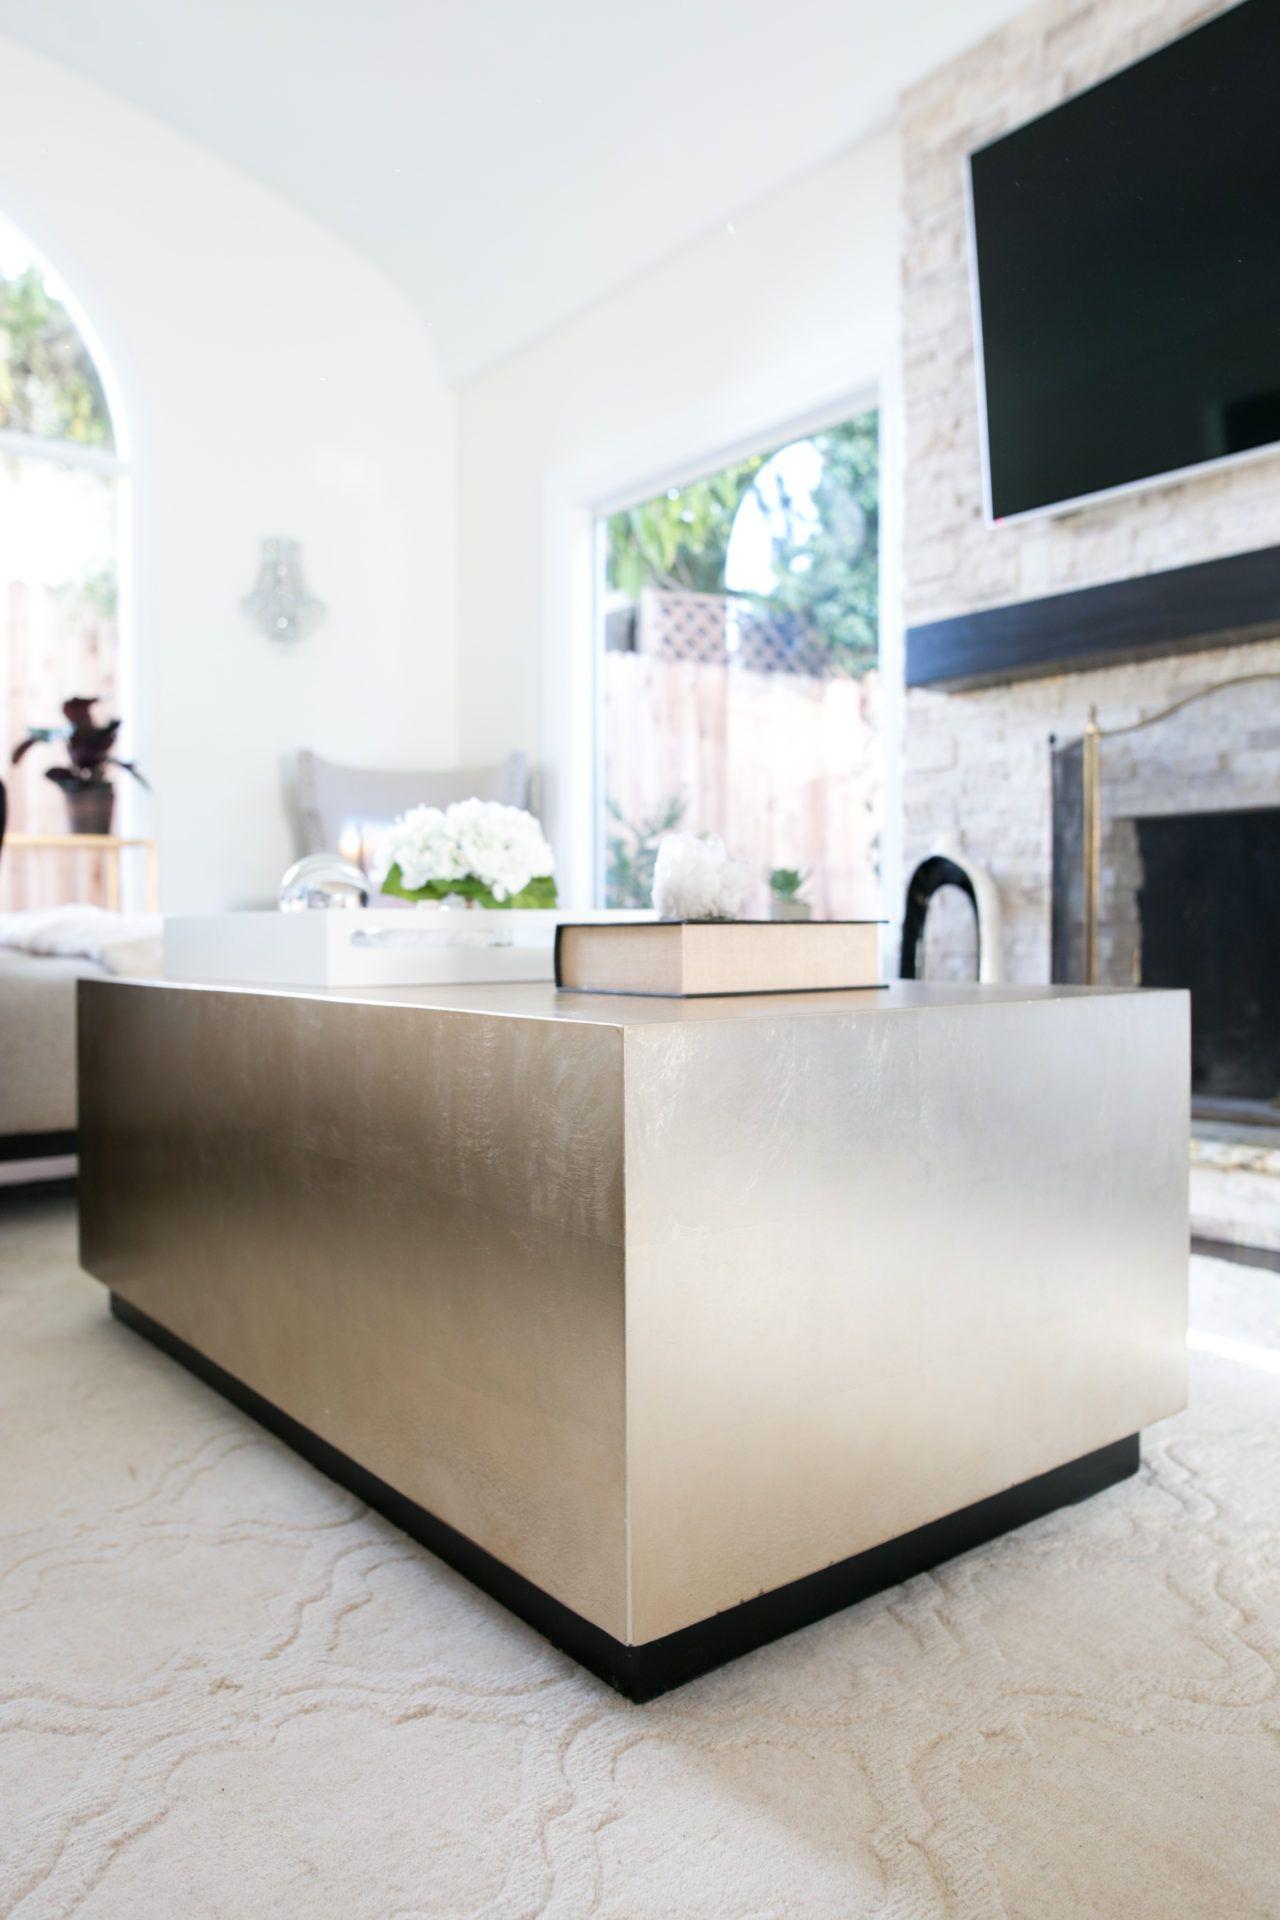 Mystical Glam Living Room fice Interior Design for Manny Mua